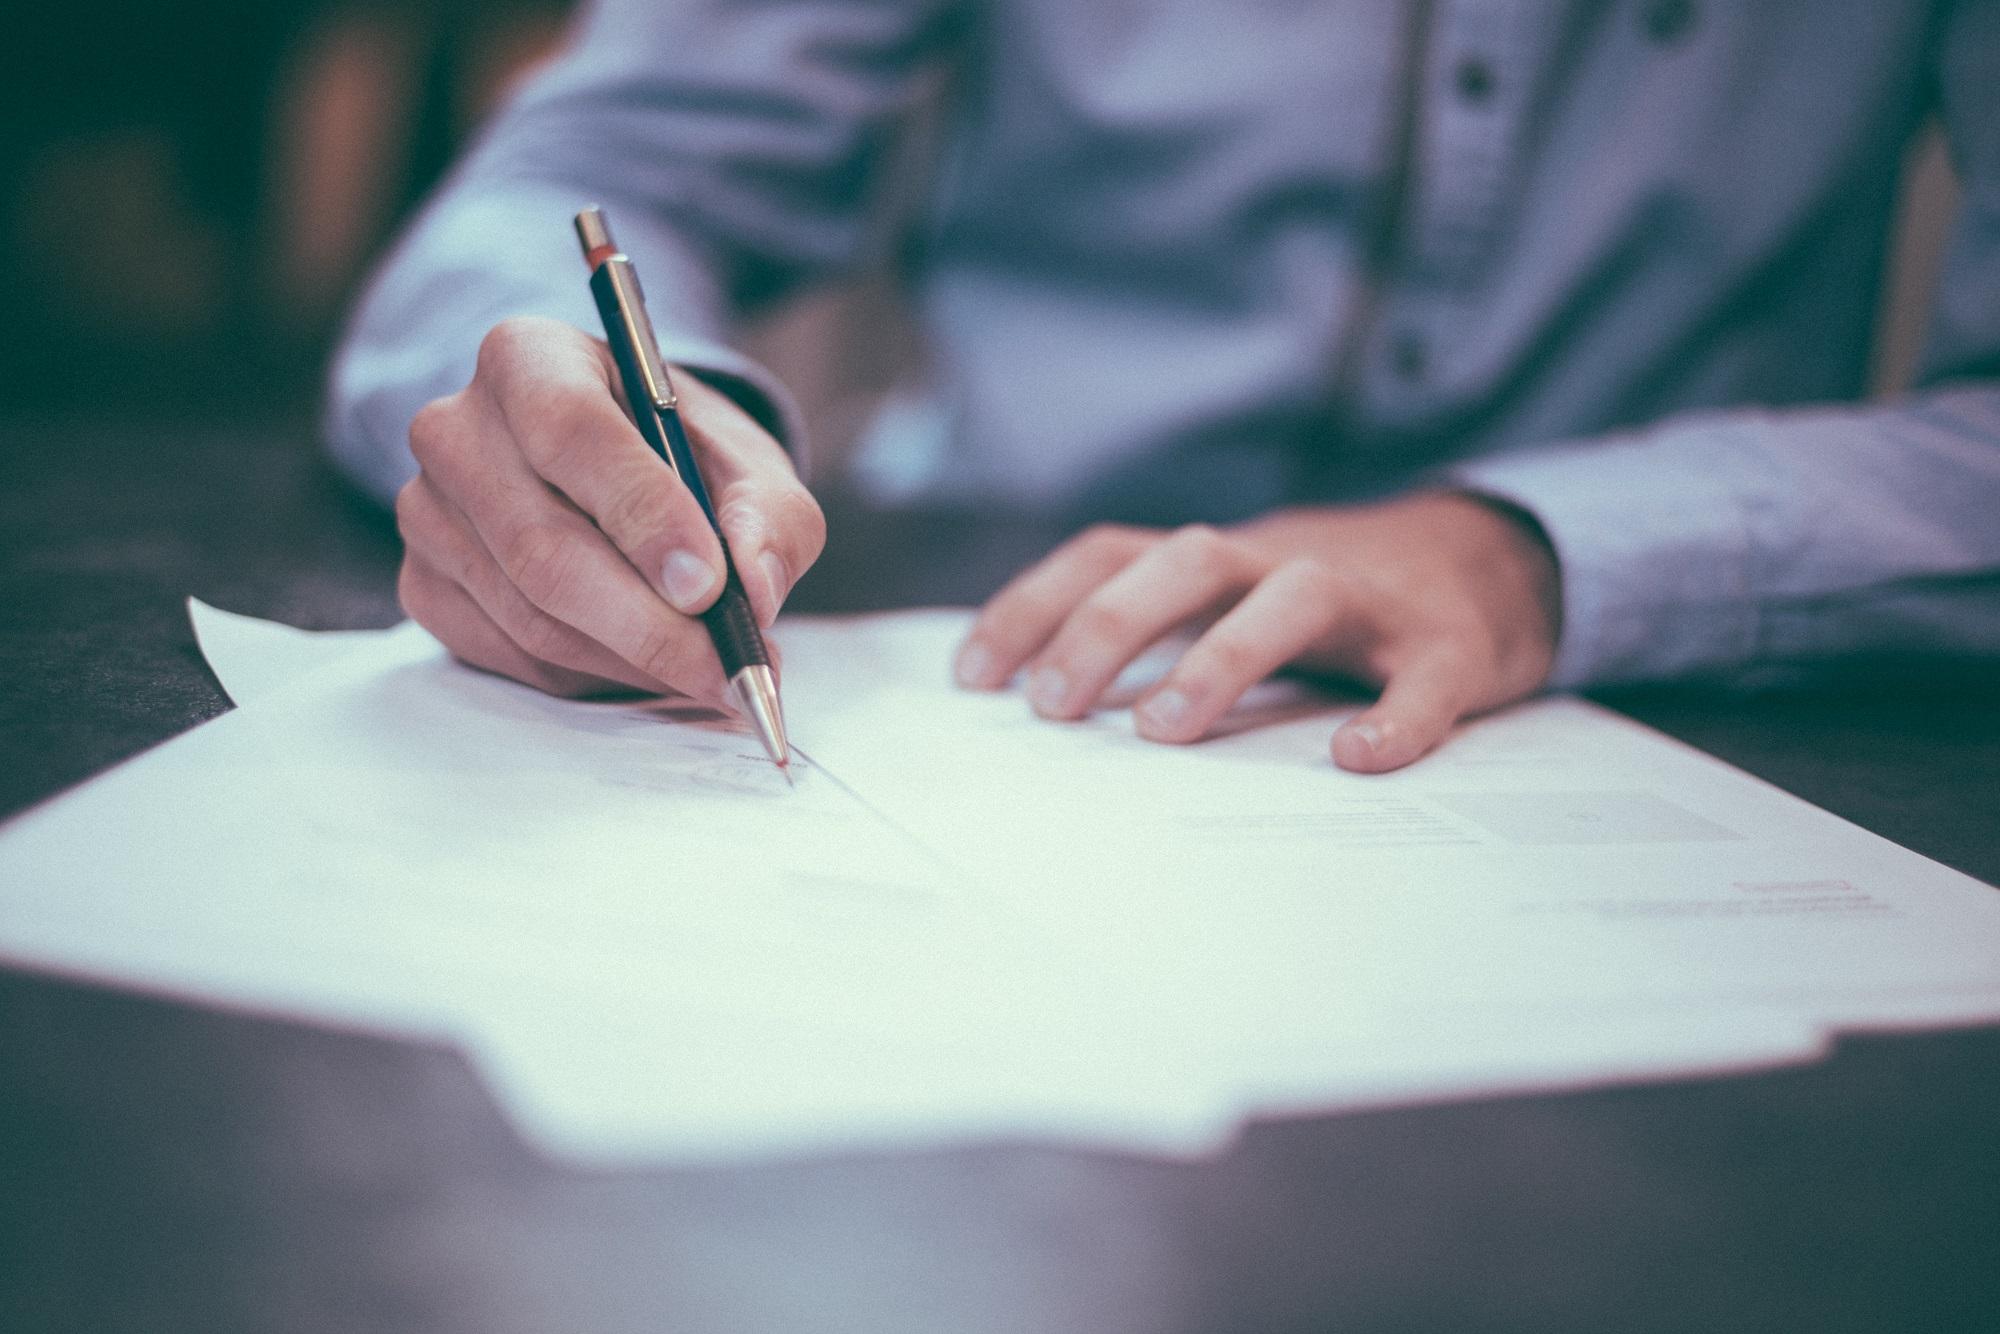 Assinatura-de-Documento.jpg